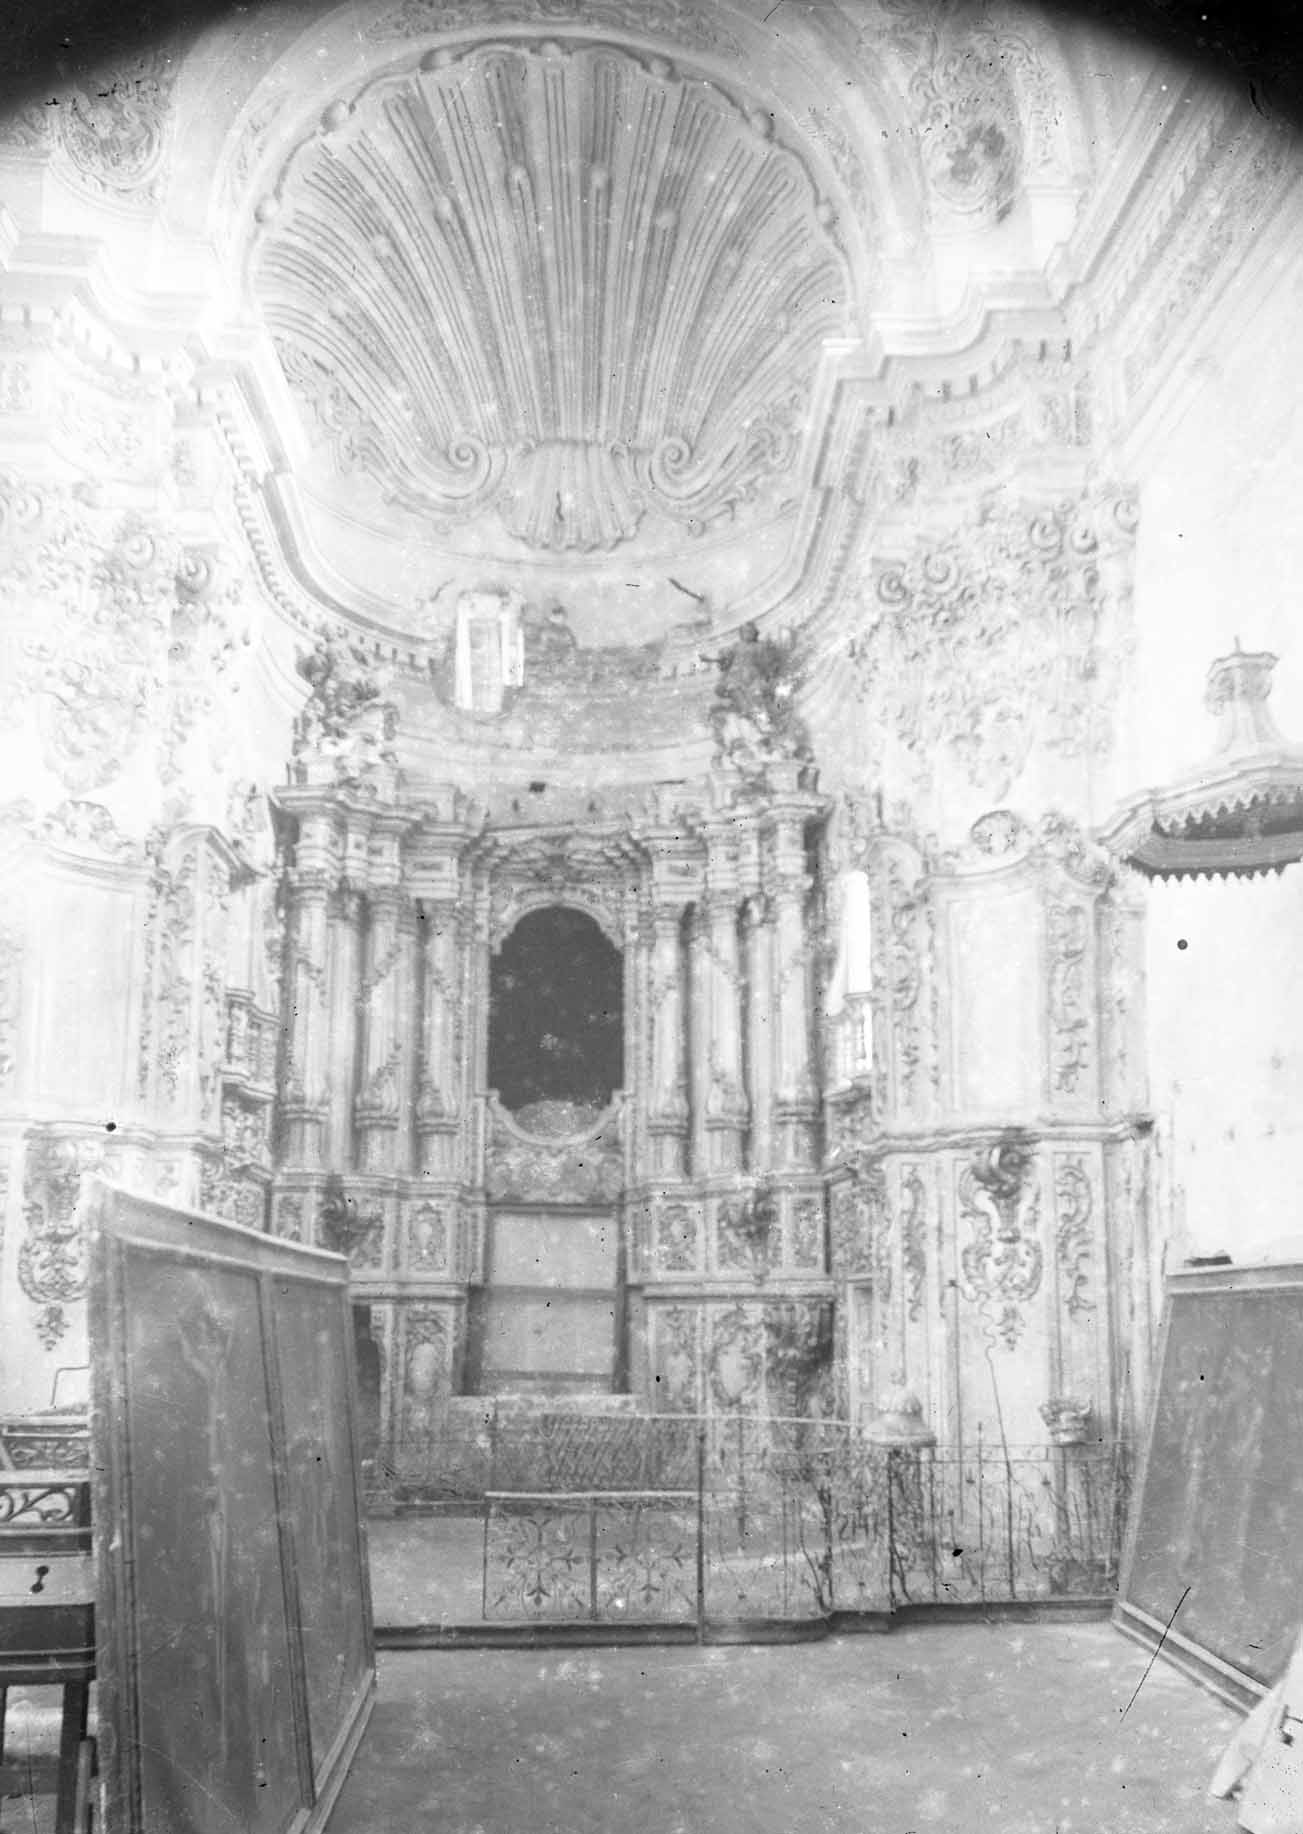 Vista frontal de l'altar de la capella dels Dolors de la basílica de Santa Maria, a Castelló d'Empúries, entre els anys 1942 i 1944 (ACGAX. Fons Sadurní Brunet Pi. Autor: Sadurní Brunet)